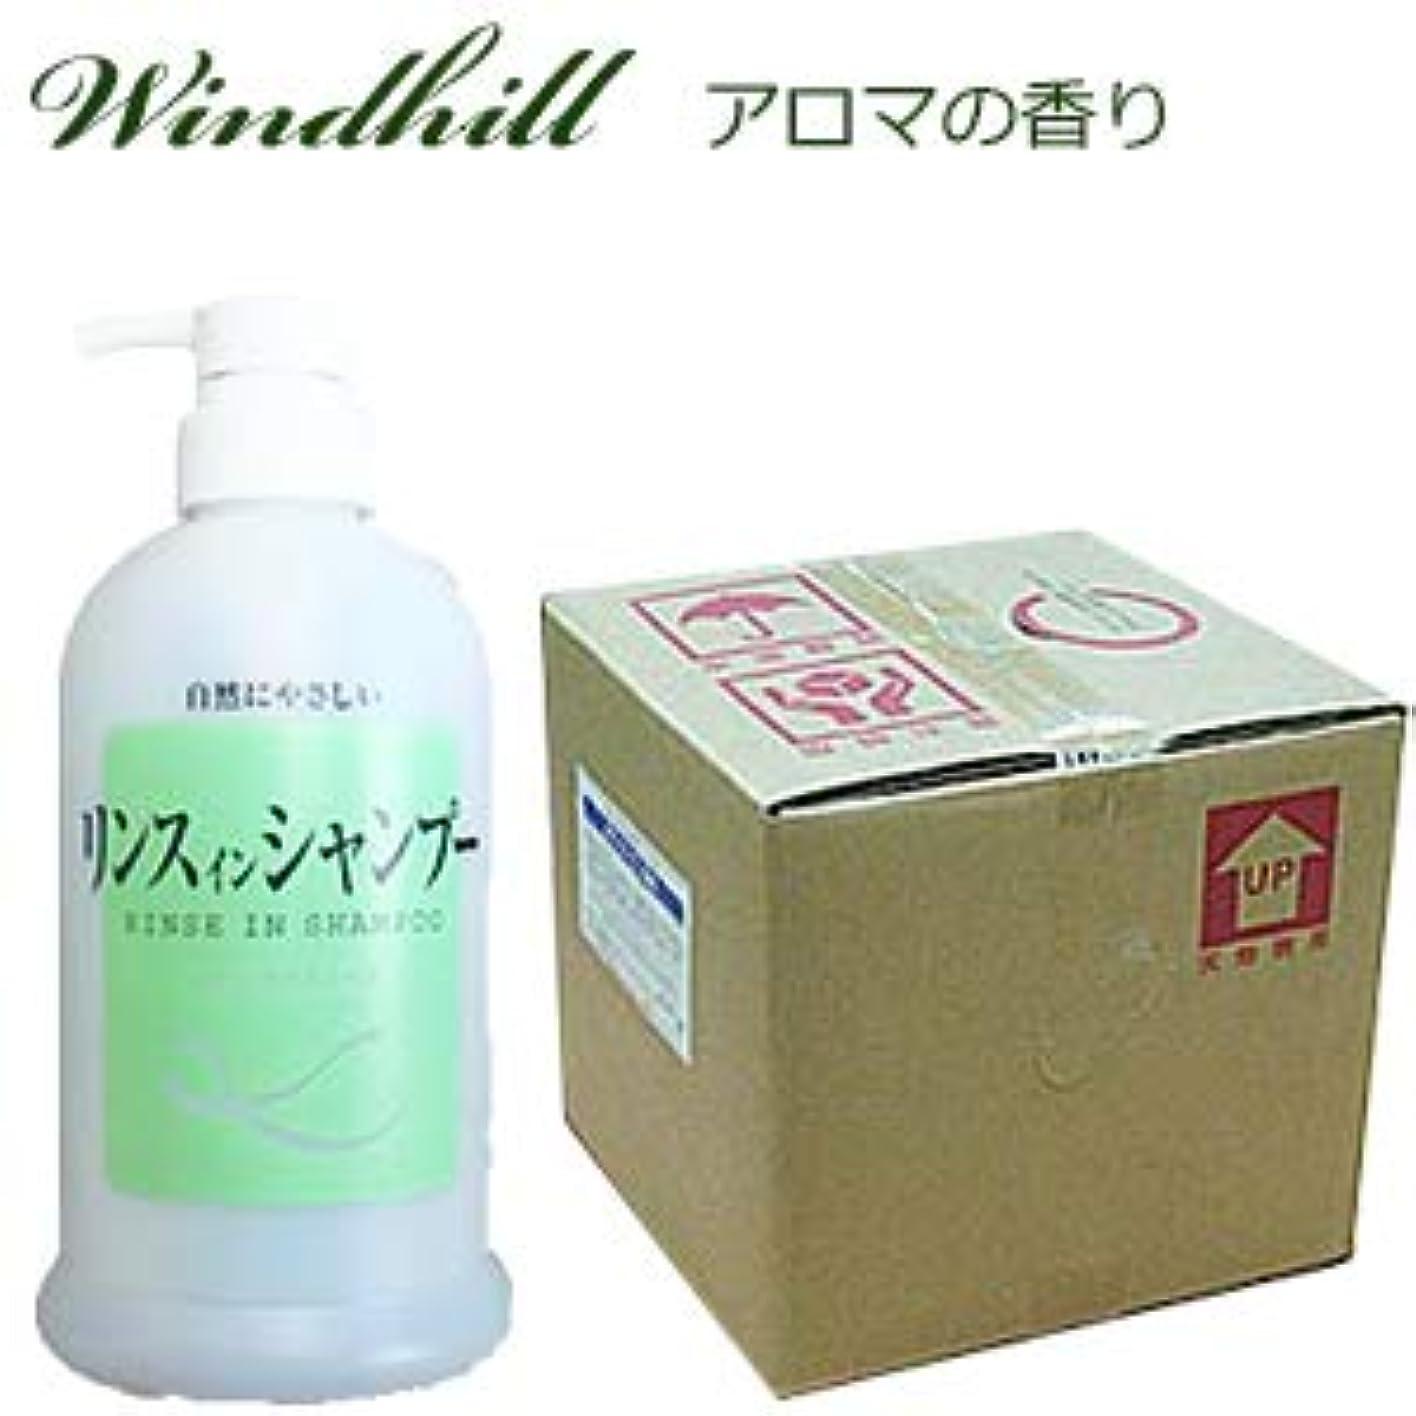 迷信メルボルン喜びなんと! 500ml当り188円 Windhill 植物性業務用 リンスインシャンプー 紅茶を思うアロマの香り 20L